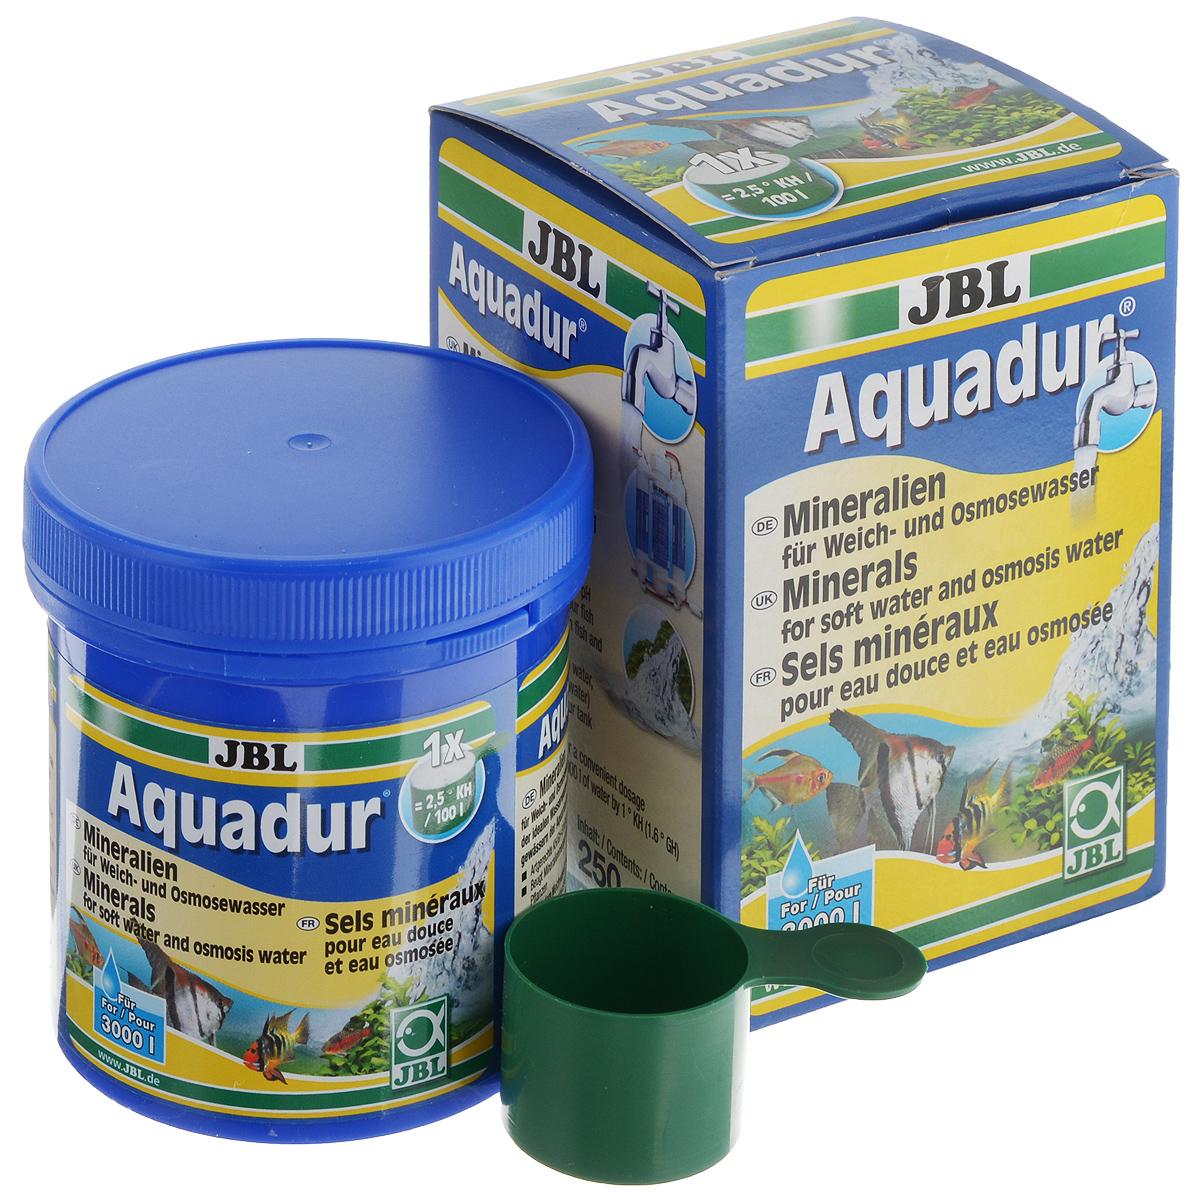 Набор минеральных солей JBL Aquadur, для увеличения KH и стабилизации pH, с мерной ложкой, 250 гJBL2490200JBL Aquadur - это смесь минералов, которая содержит вещества, выравнивающие как карбонатную, так и общую жесткость воды. Состав смеси ориентируется на распределение ионов во многих тропических водоемах. JBL Aquadur отлично подходит для надежного повышения карбонатной и общей жесткости воды любой степени мягкости. Тем самым повышается буферная емкость, что стабилизирует значение ph и предотвращает его падение до опасного уровня. Другие микроэлементы, незаменимые прежде всего для микроорганизмов, важных для аквариума, превращают мягкую воду, подготовленную с помощью средства JBL Aquadur, в идеальную исходную воду для содержания и разведения всех видов аквариумных рыб. Набор рассчитан на 3000 л аквариумной воды. В комплект входит мерная ложка. Товар сертифицирован.